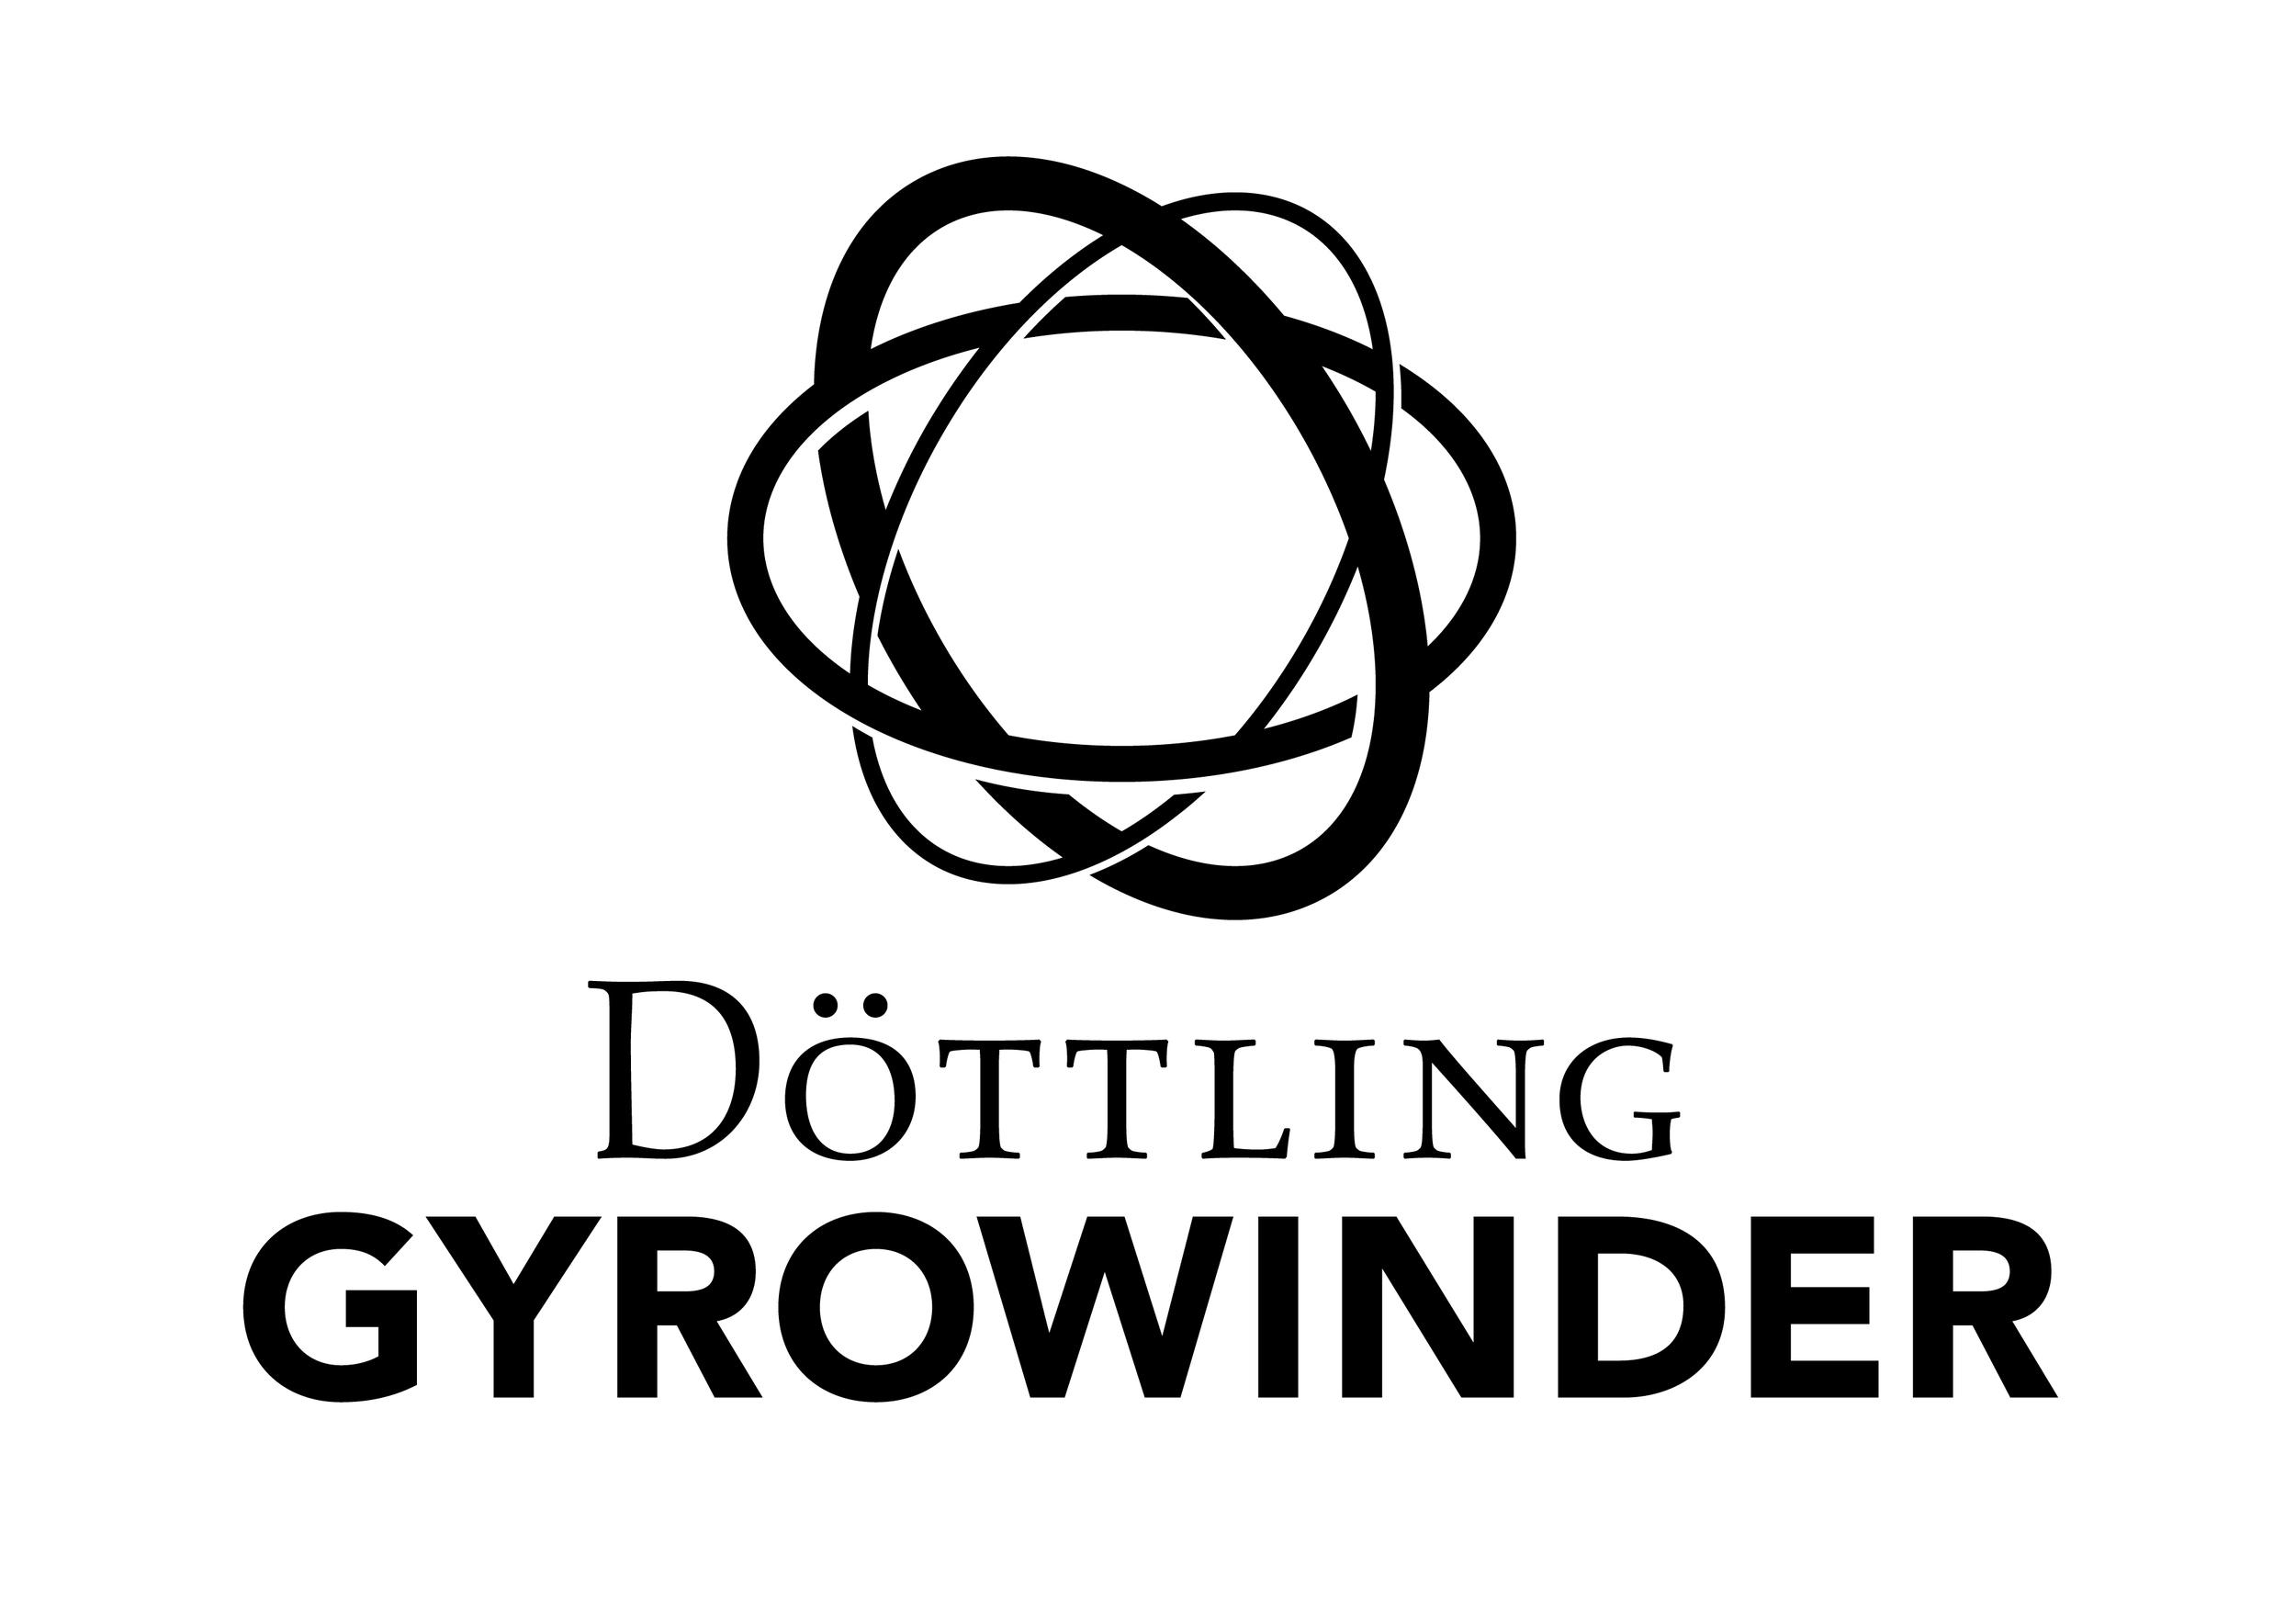 Doettling_gyrowinder_logo.jpg